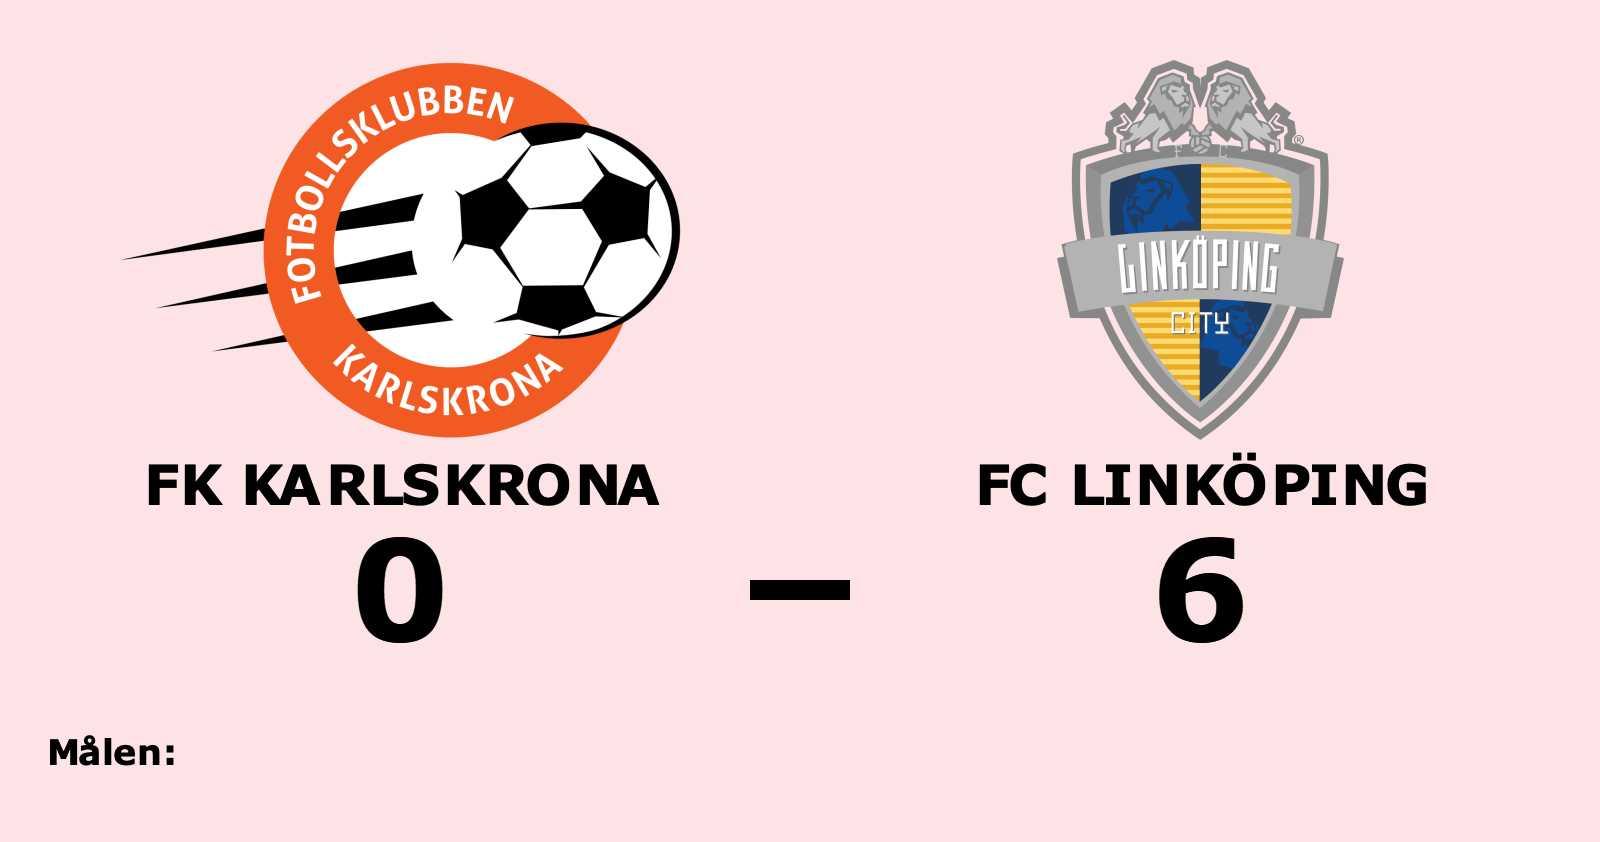 Storseger för FC Linköping borta mot FK Karlskrona